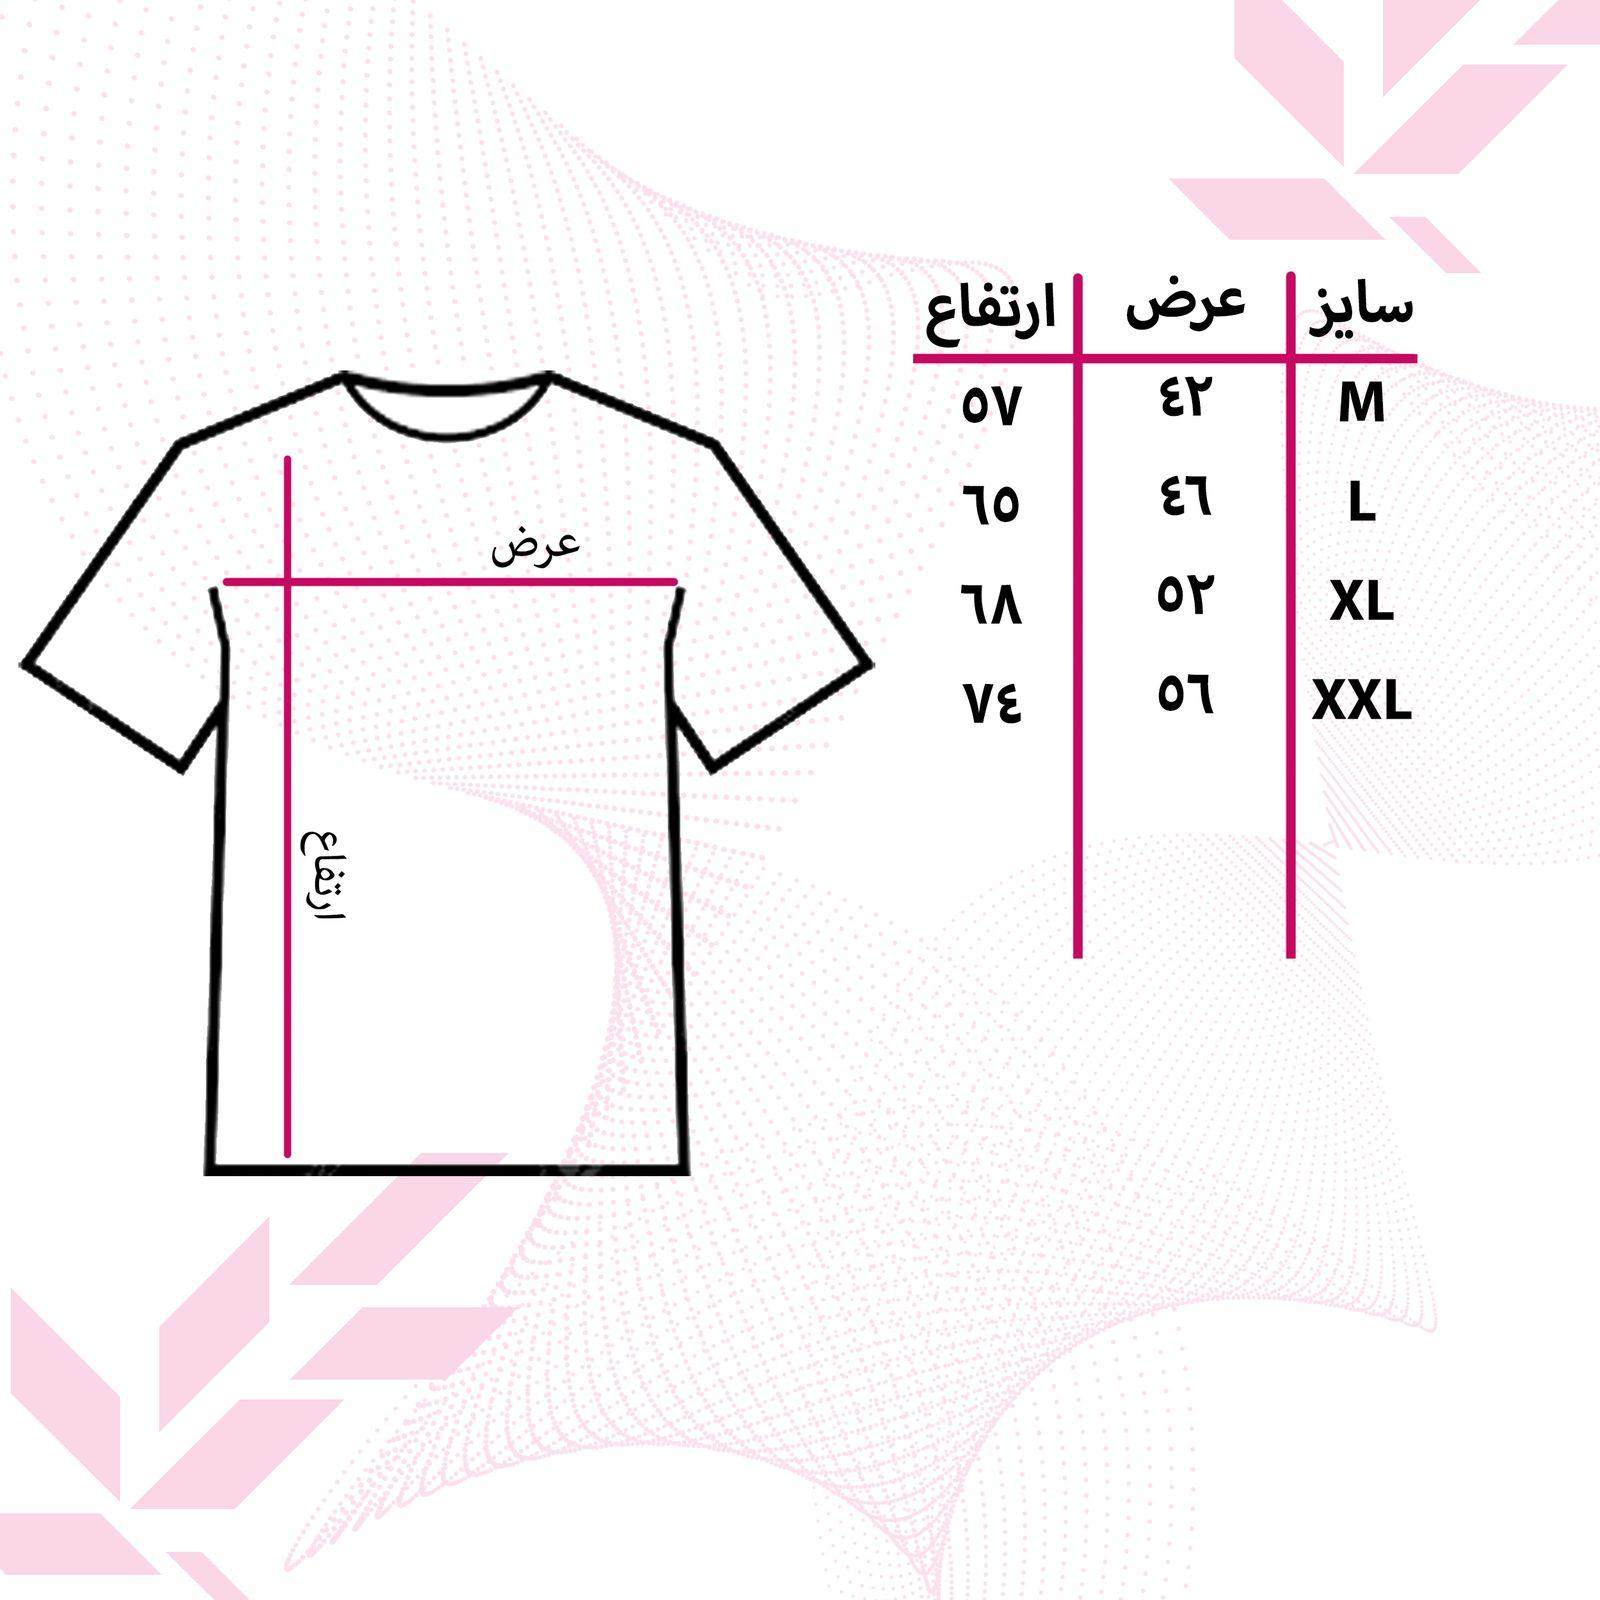 تیشرت مردانه 27 طرح هشت پا کد J10 -  - 5